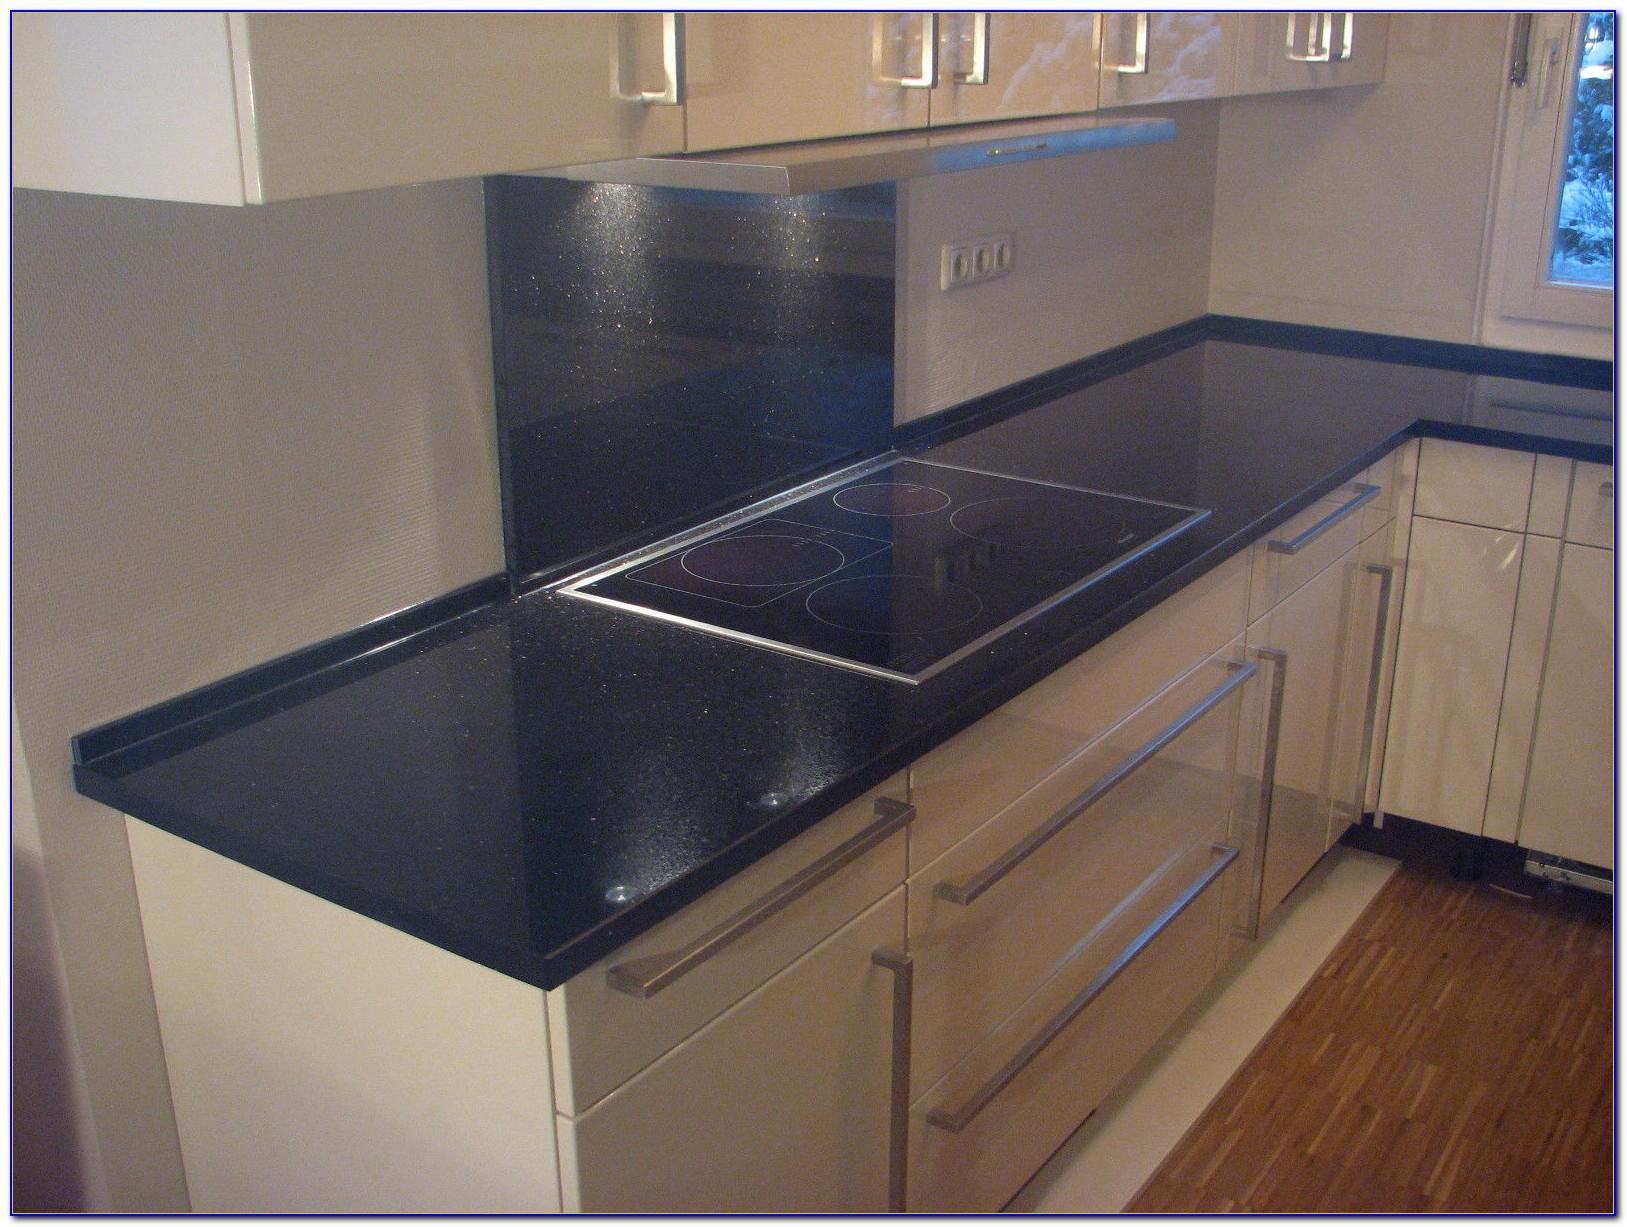 Full Size of Küchen Aktuell Arbeitsplatte Kchen Dolce Vizio Tiramisu Regal Wohnzimmer Küchen Aktuell